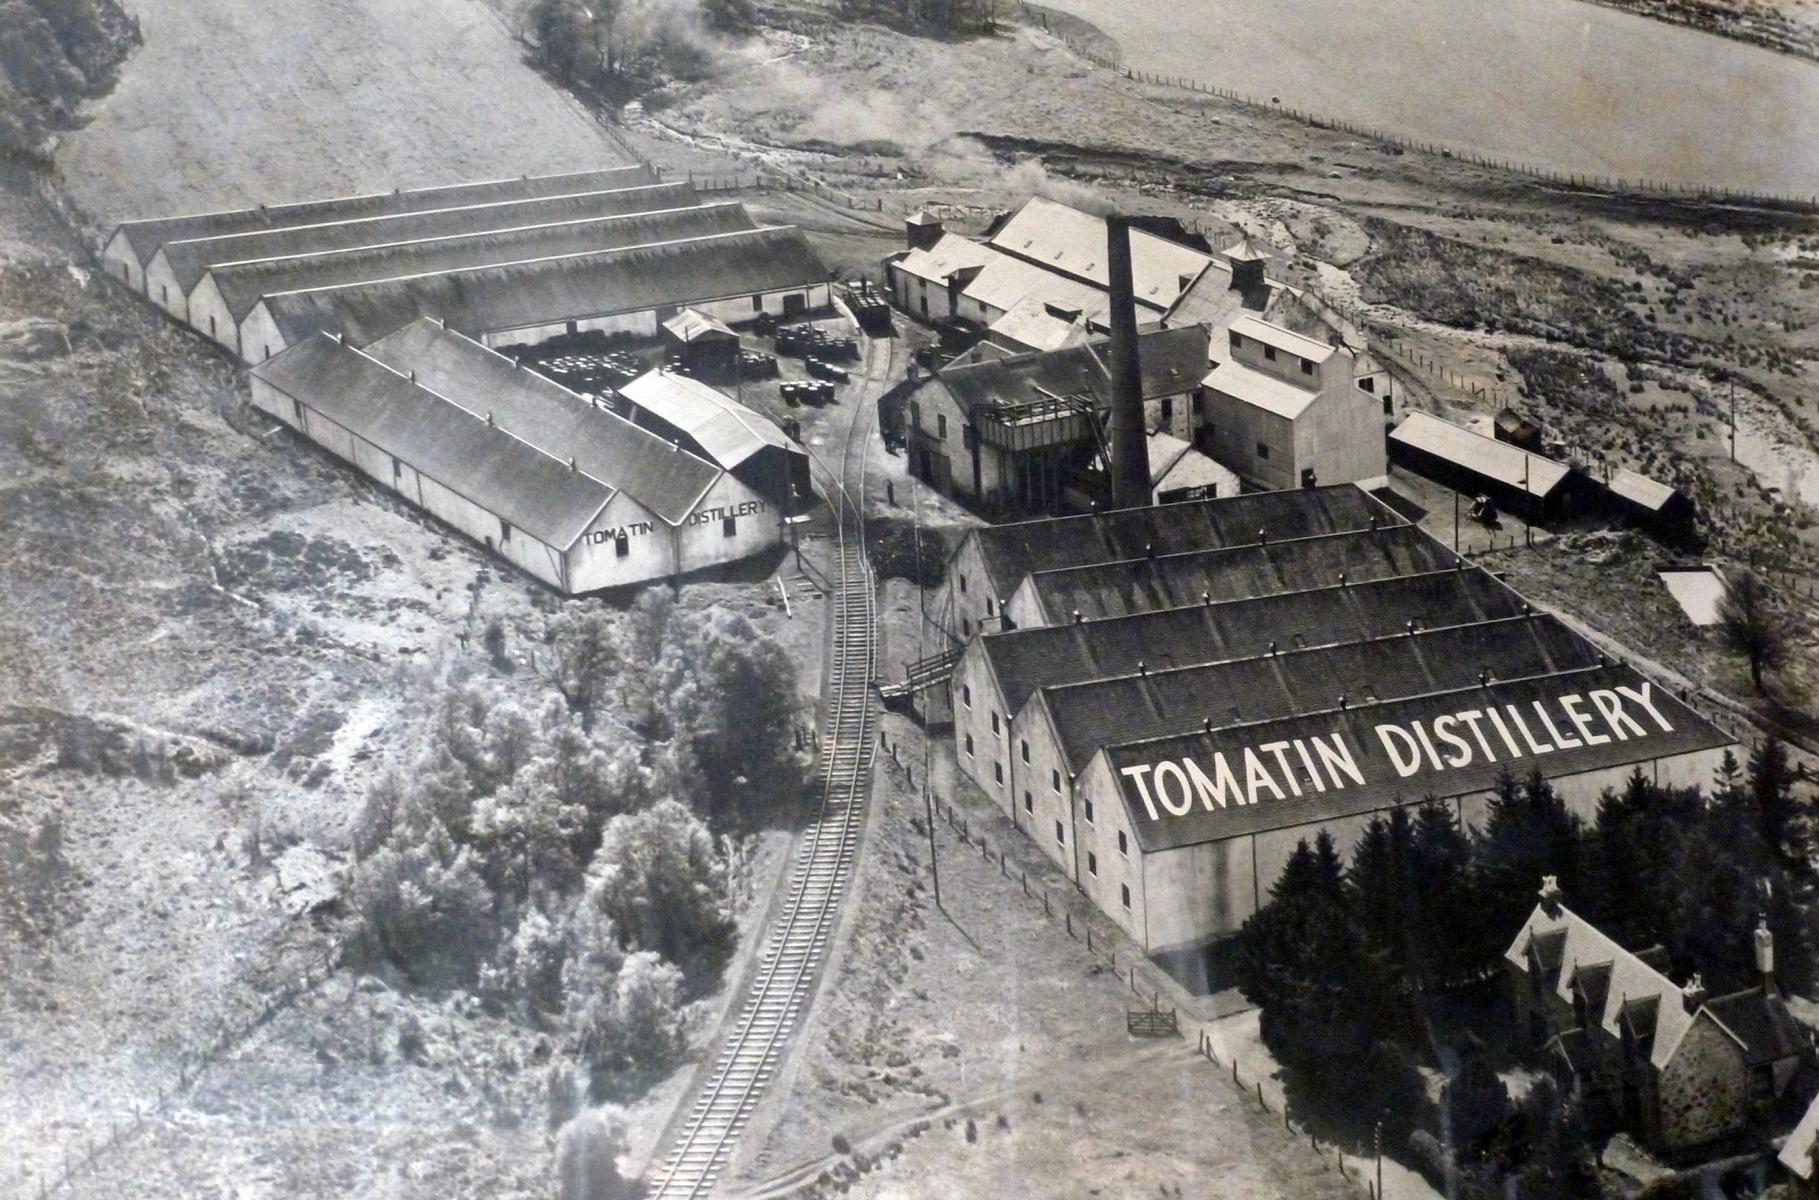 Tomatin - Die alte Destillerie